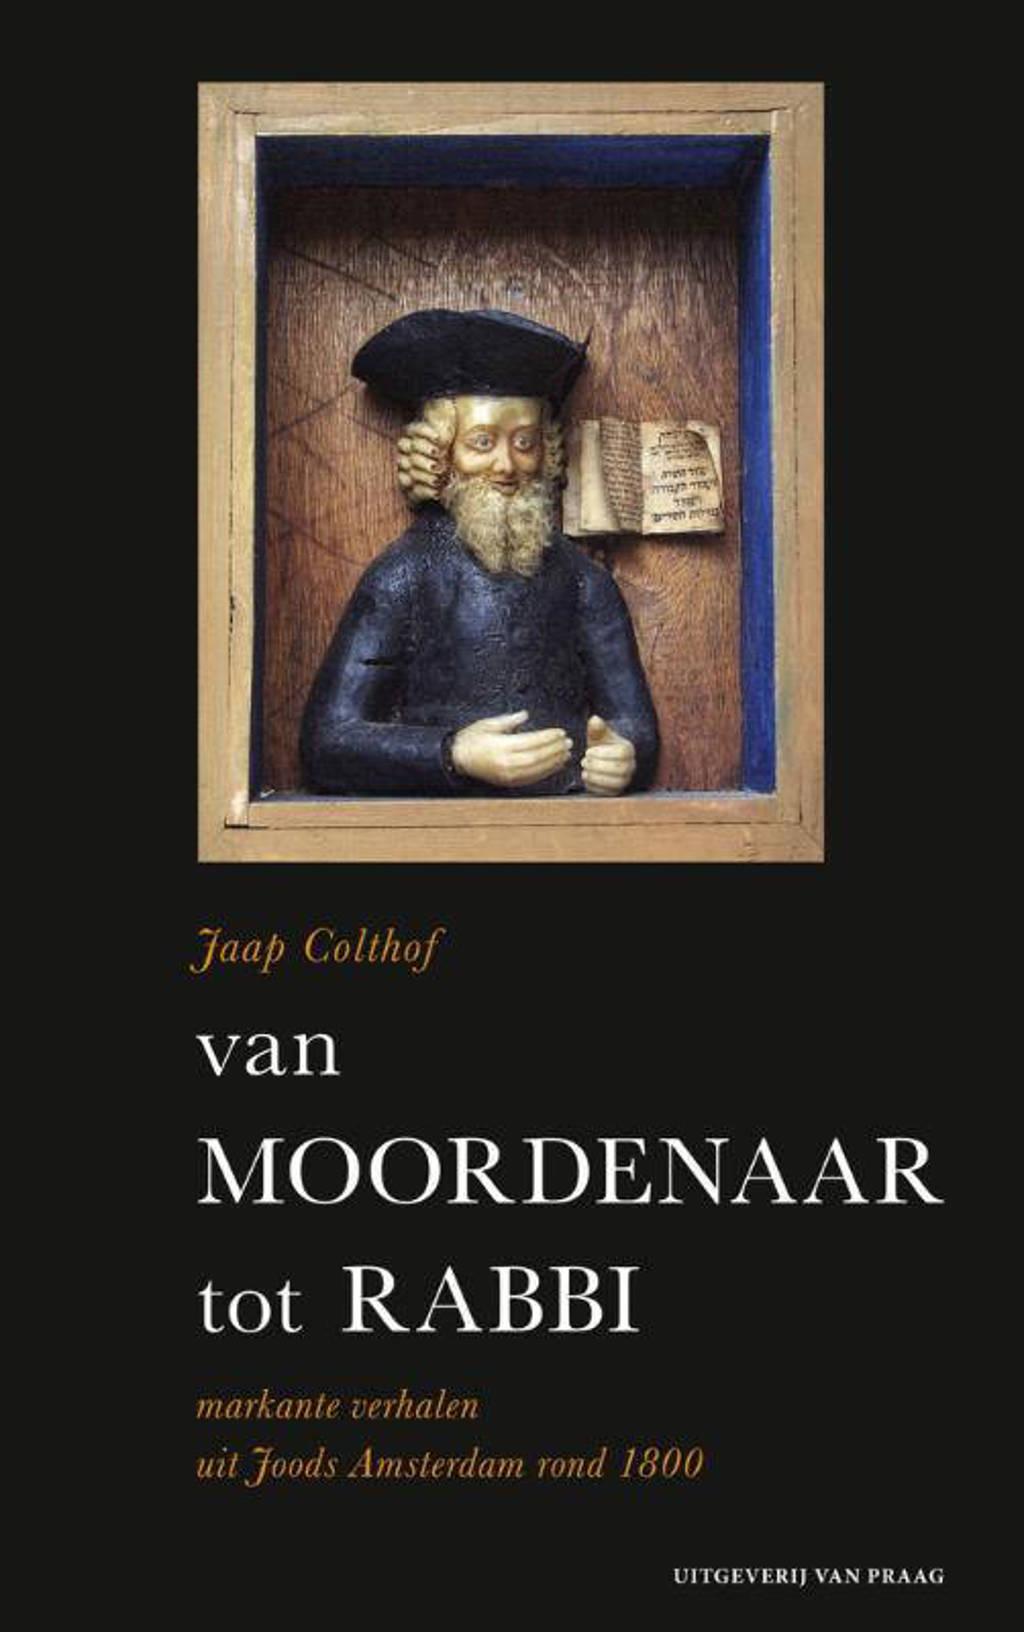 Van moordenaar tot rabbi - Jaap Colthof